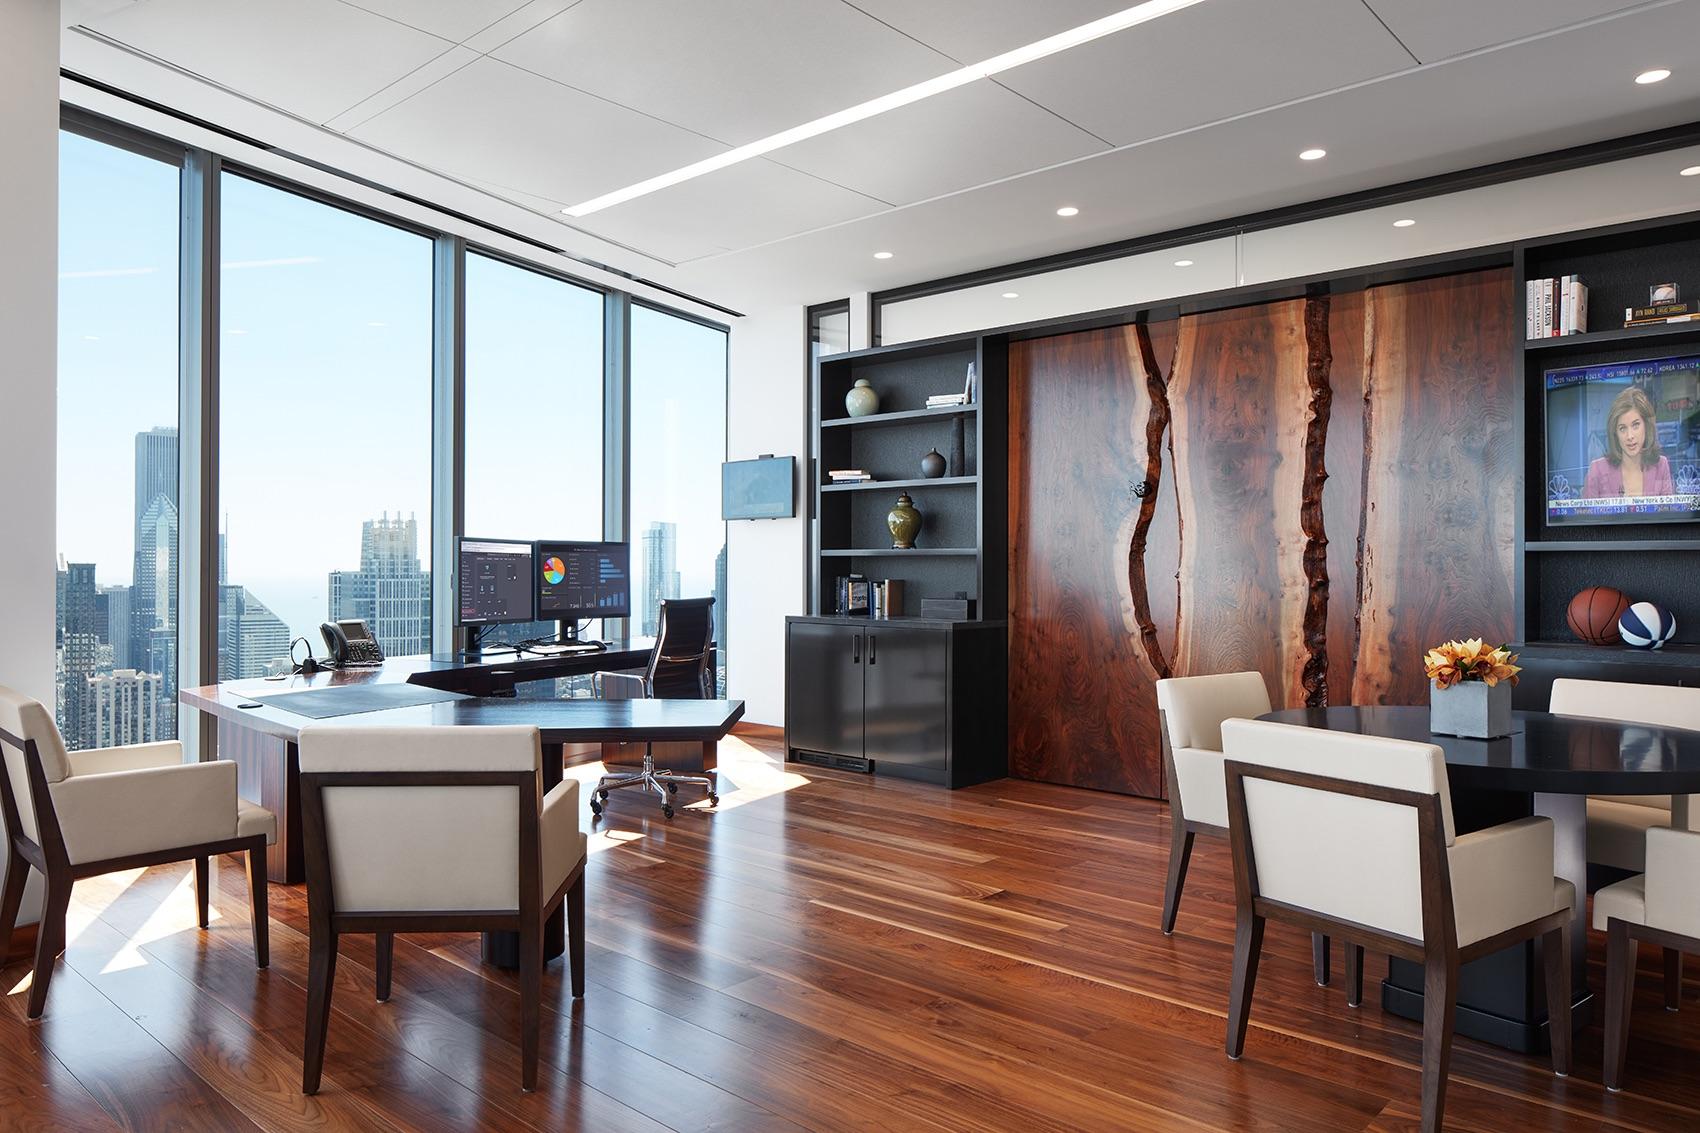 bam-chicago-office-16